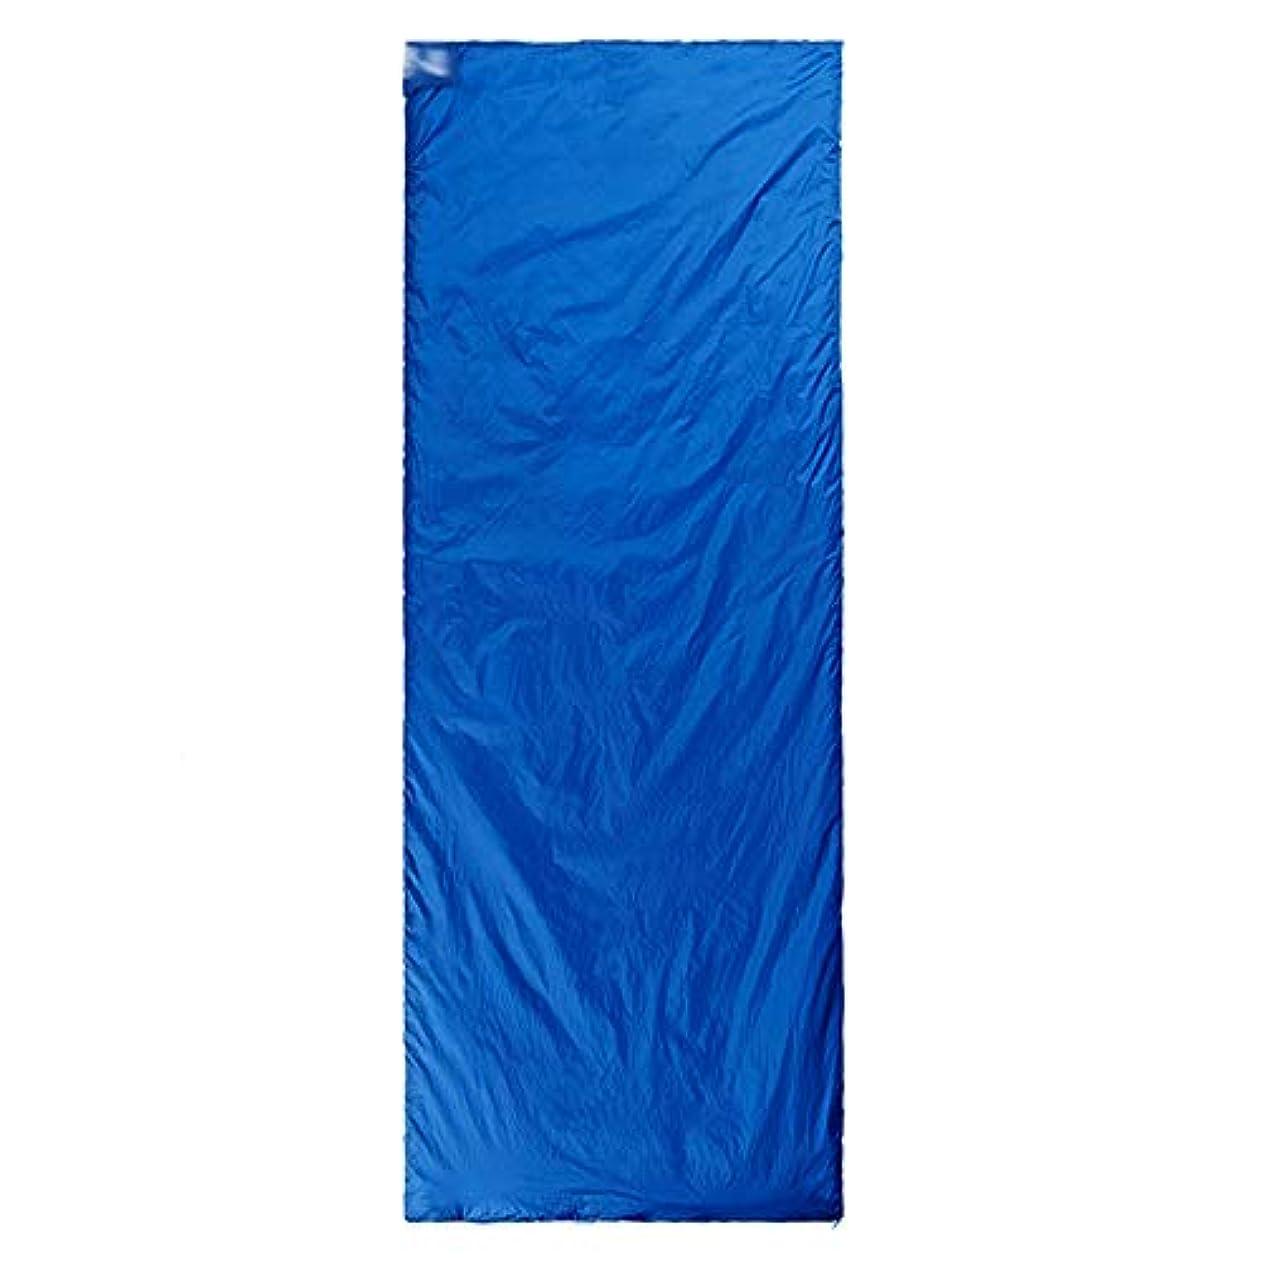 水陸両用かる比較TLMYDD 寝袋拡張シングルテント四季キャンプ通気性の快適なポータブル5色 寝袋 (Color : Dark blue)